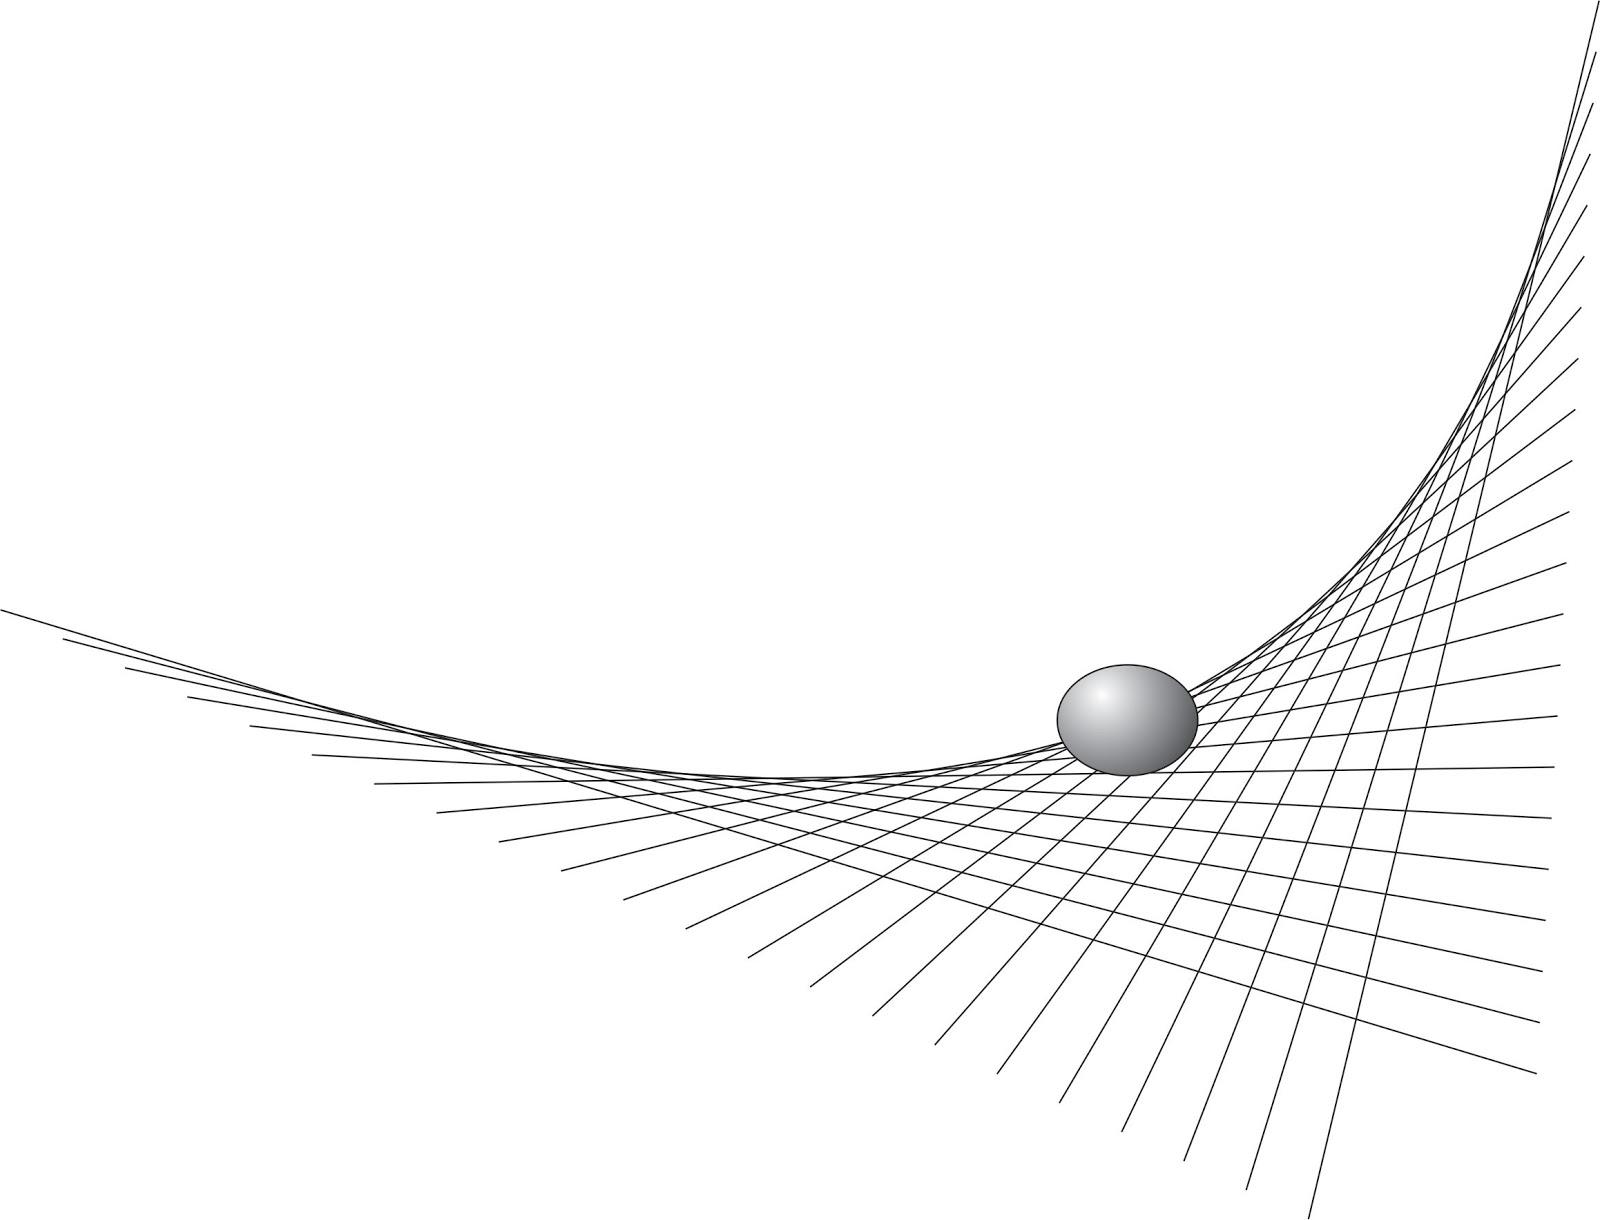 practicas de corel draw x5 bernardo humara: don quijote y